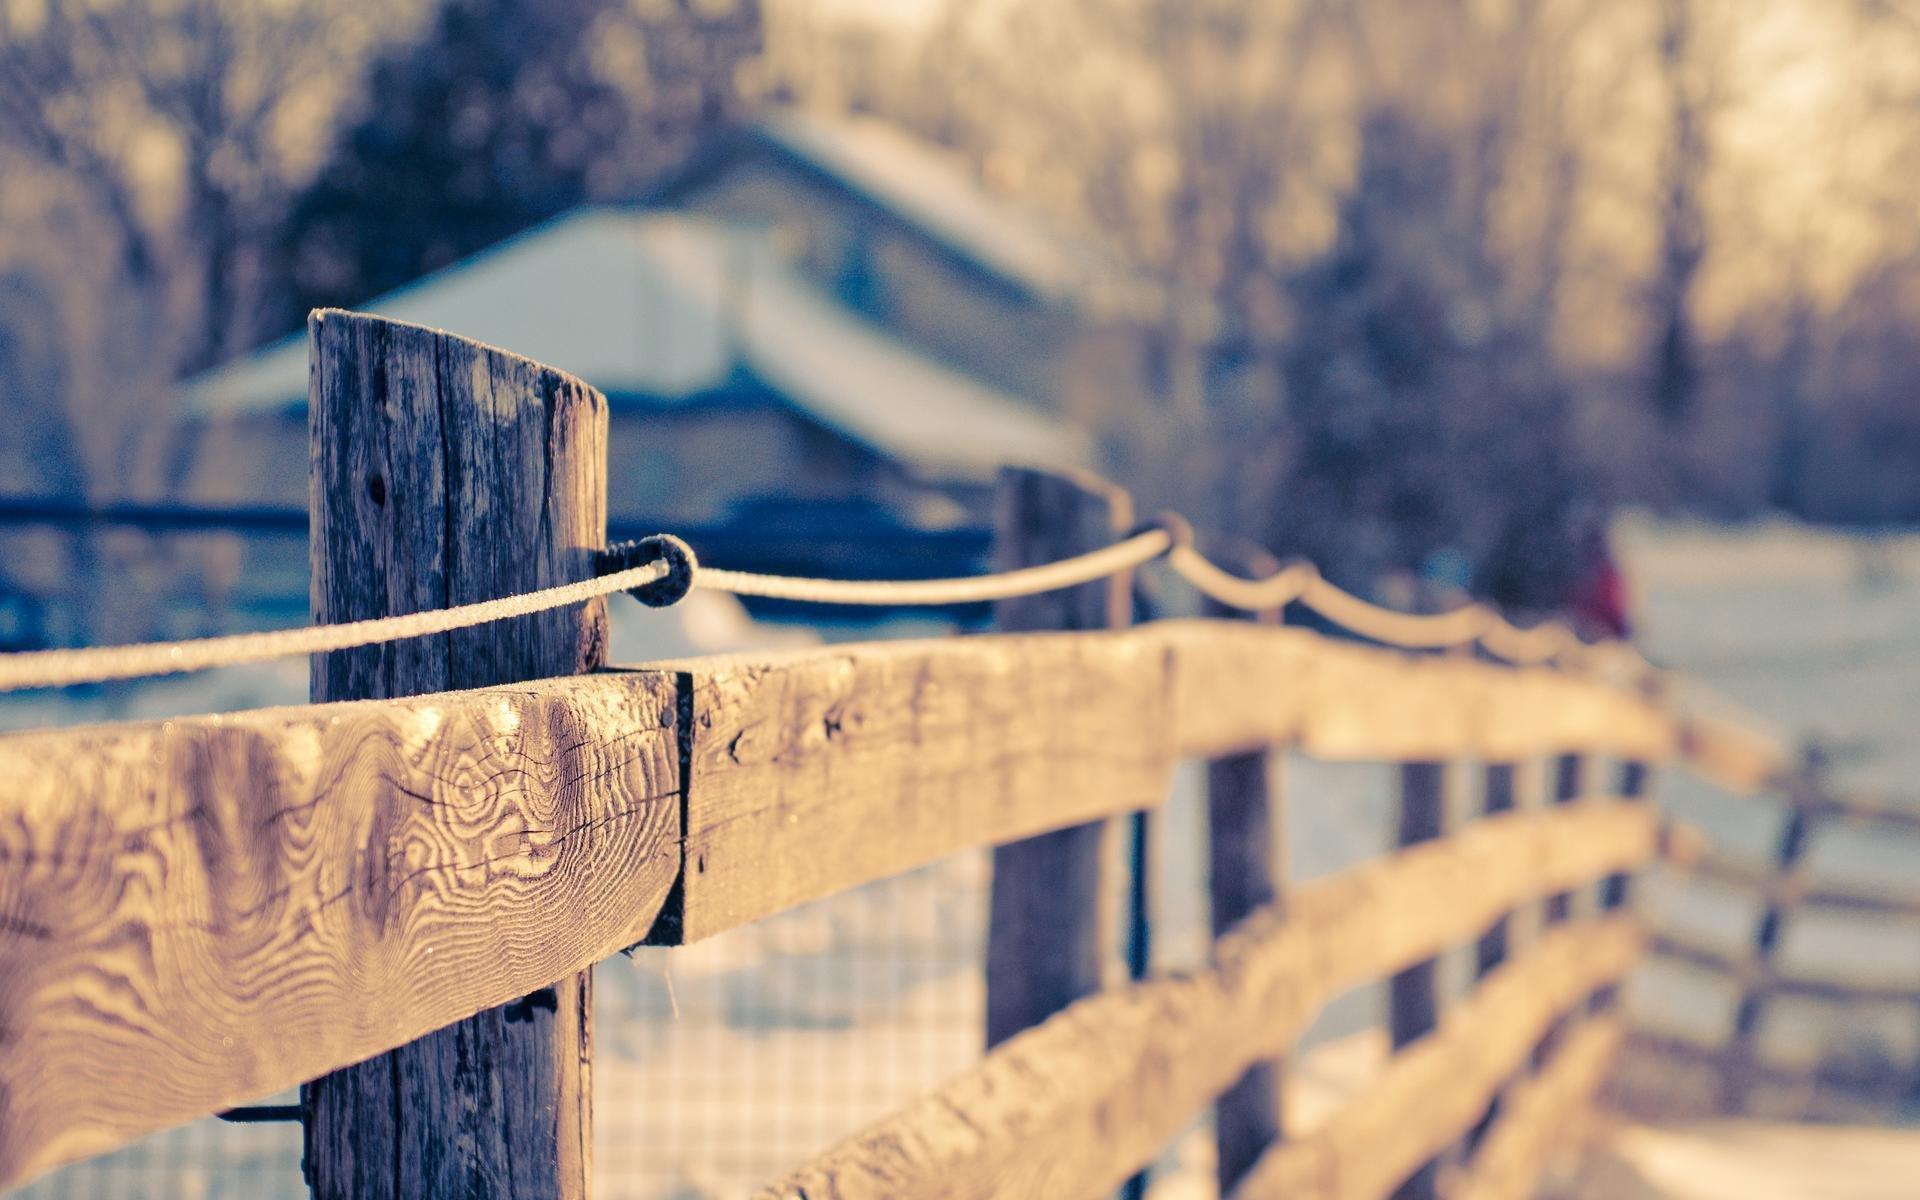 окрашенный забор  № 748110 без смс